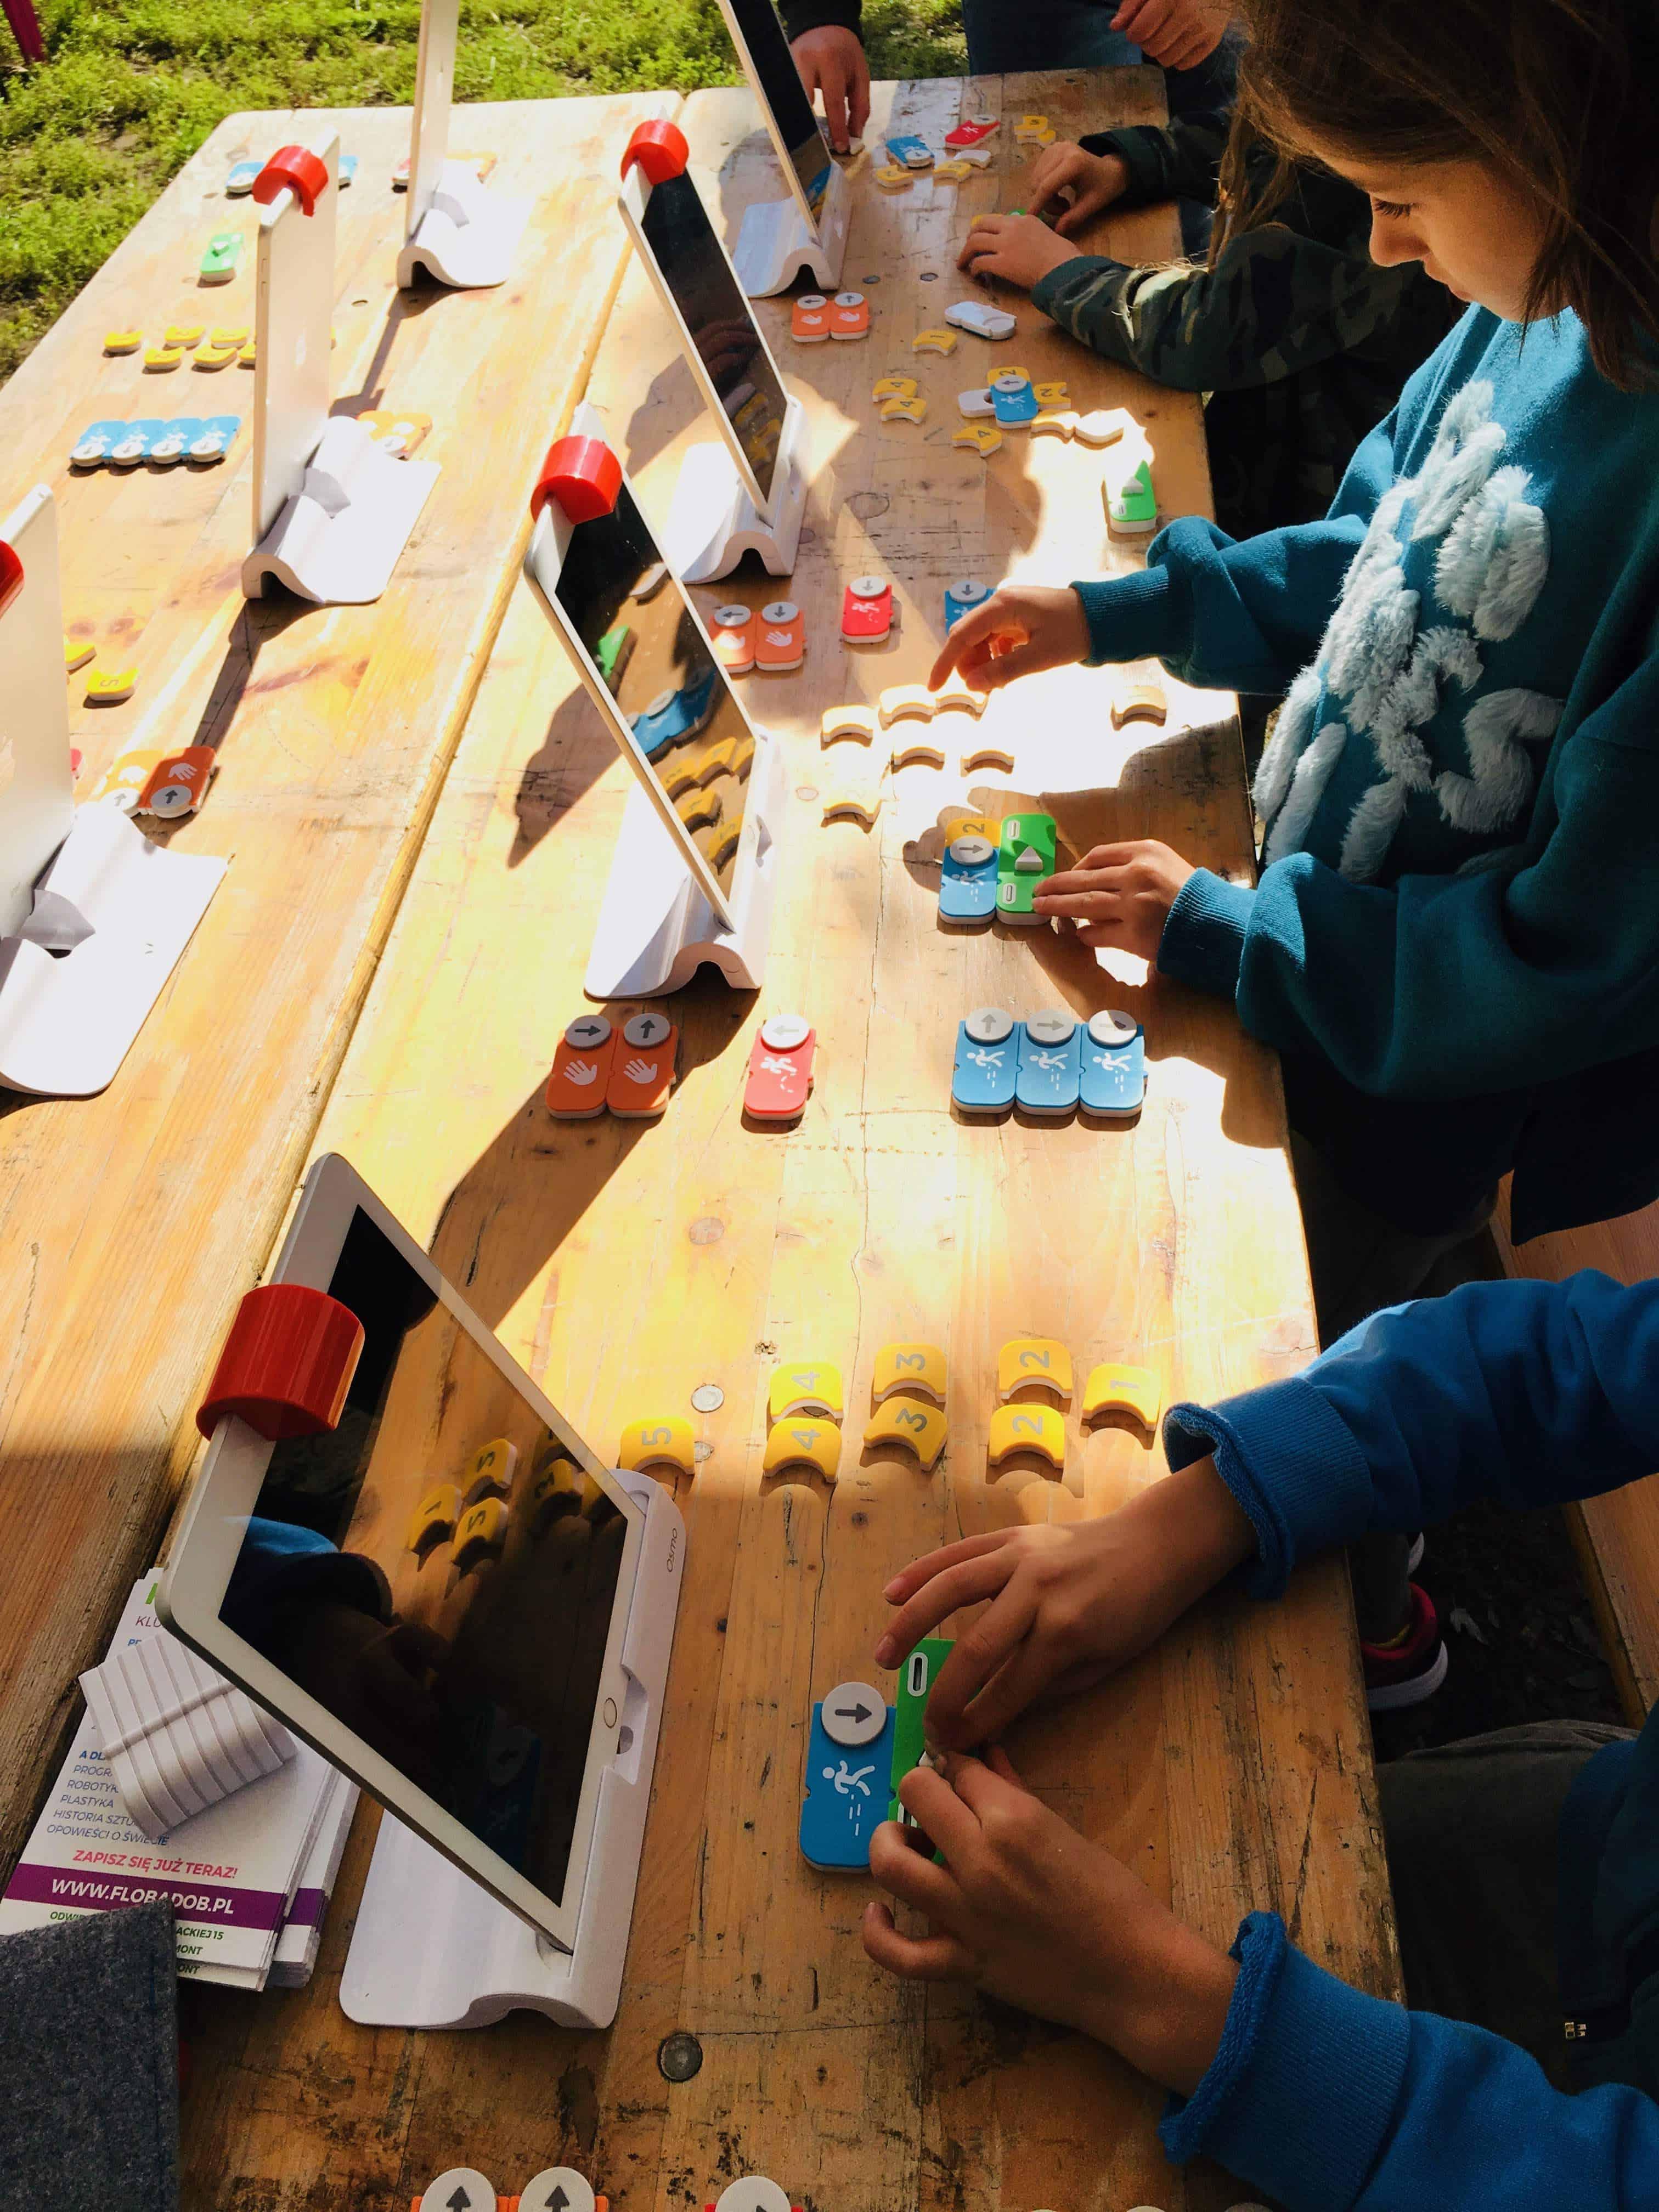 Targ śniadaniowy - darmowe zajęcia z programowania dla dzieci - Flob a dob